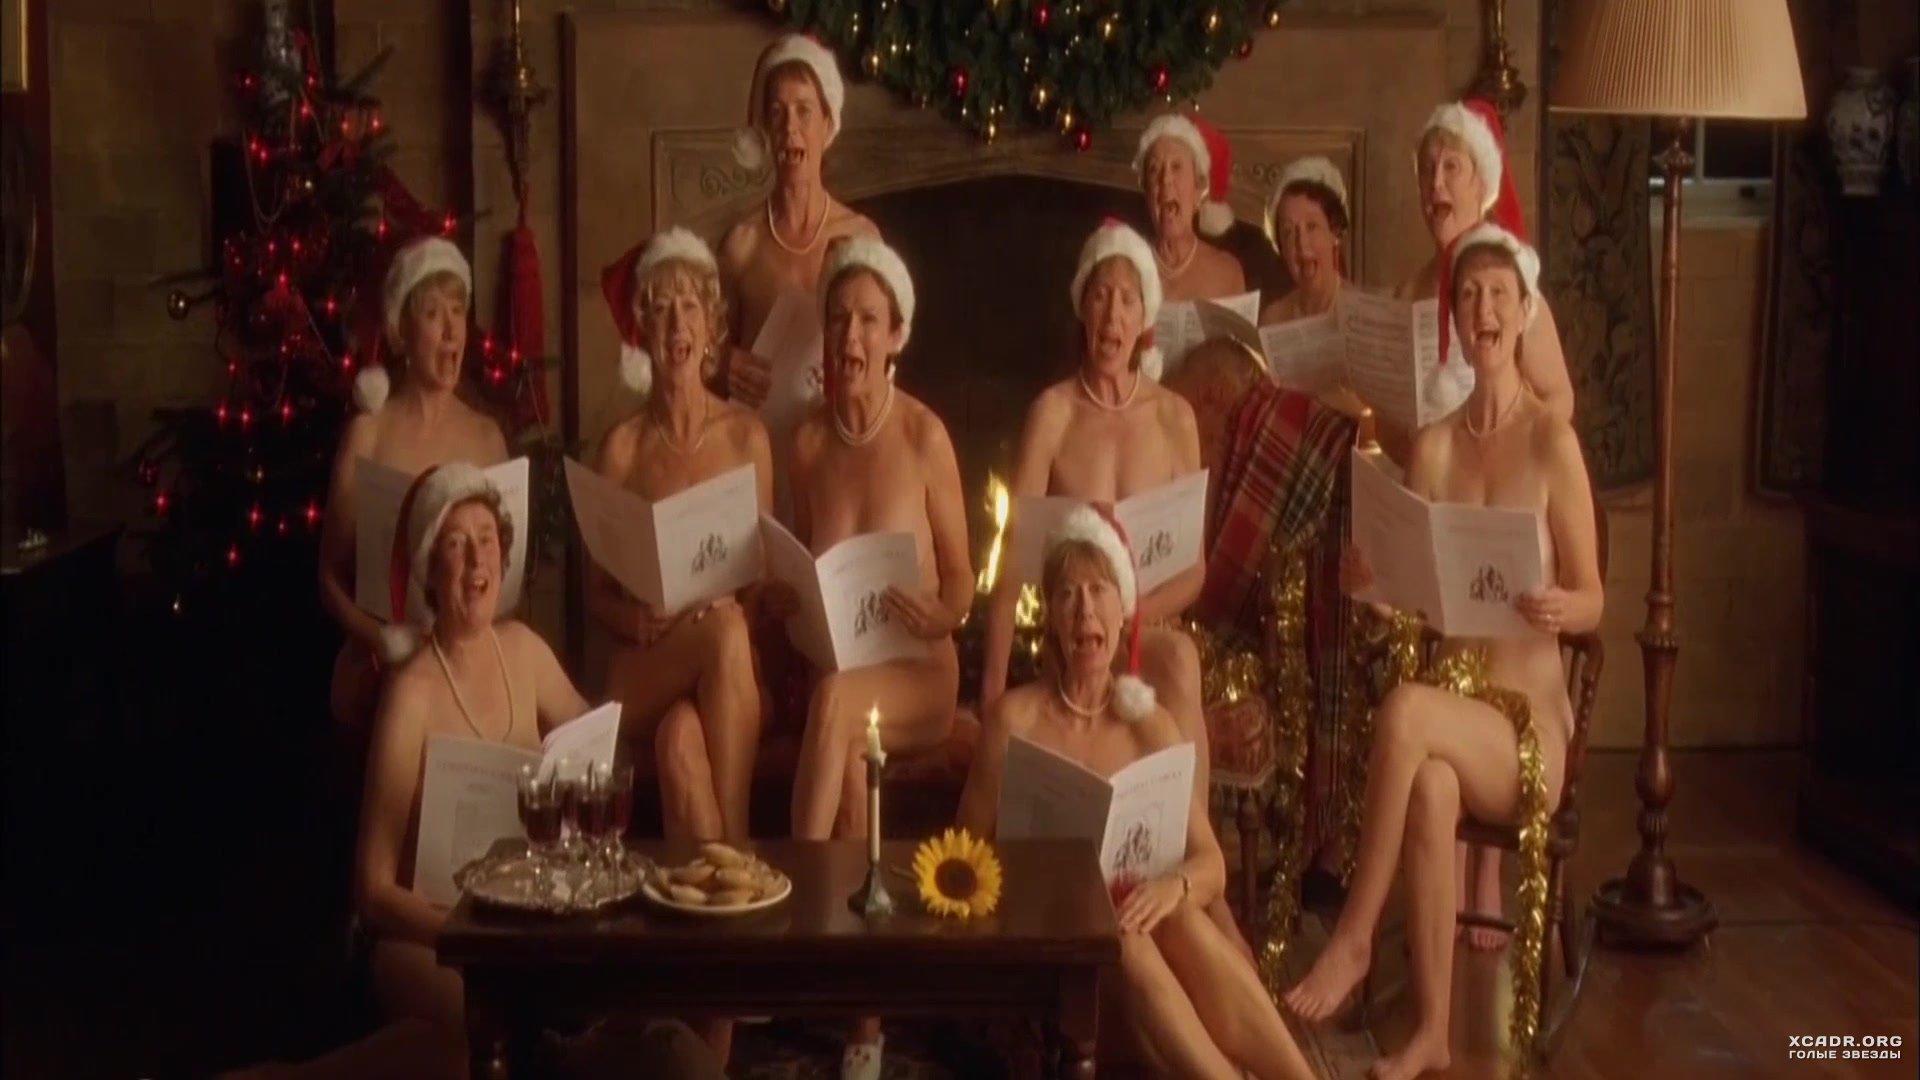 Helen mirren naked calendar girls, naked white school girls